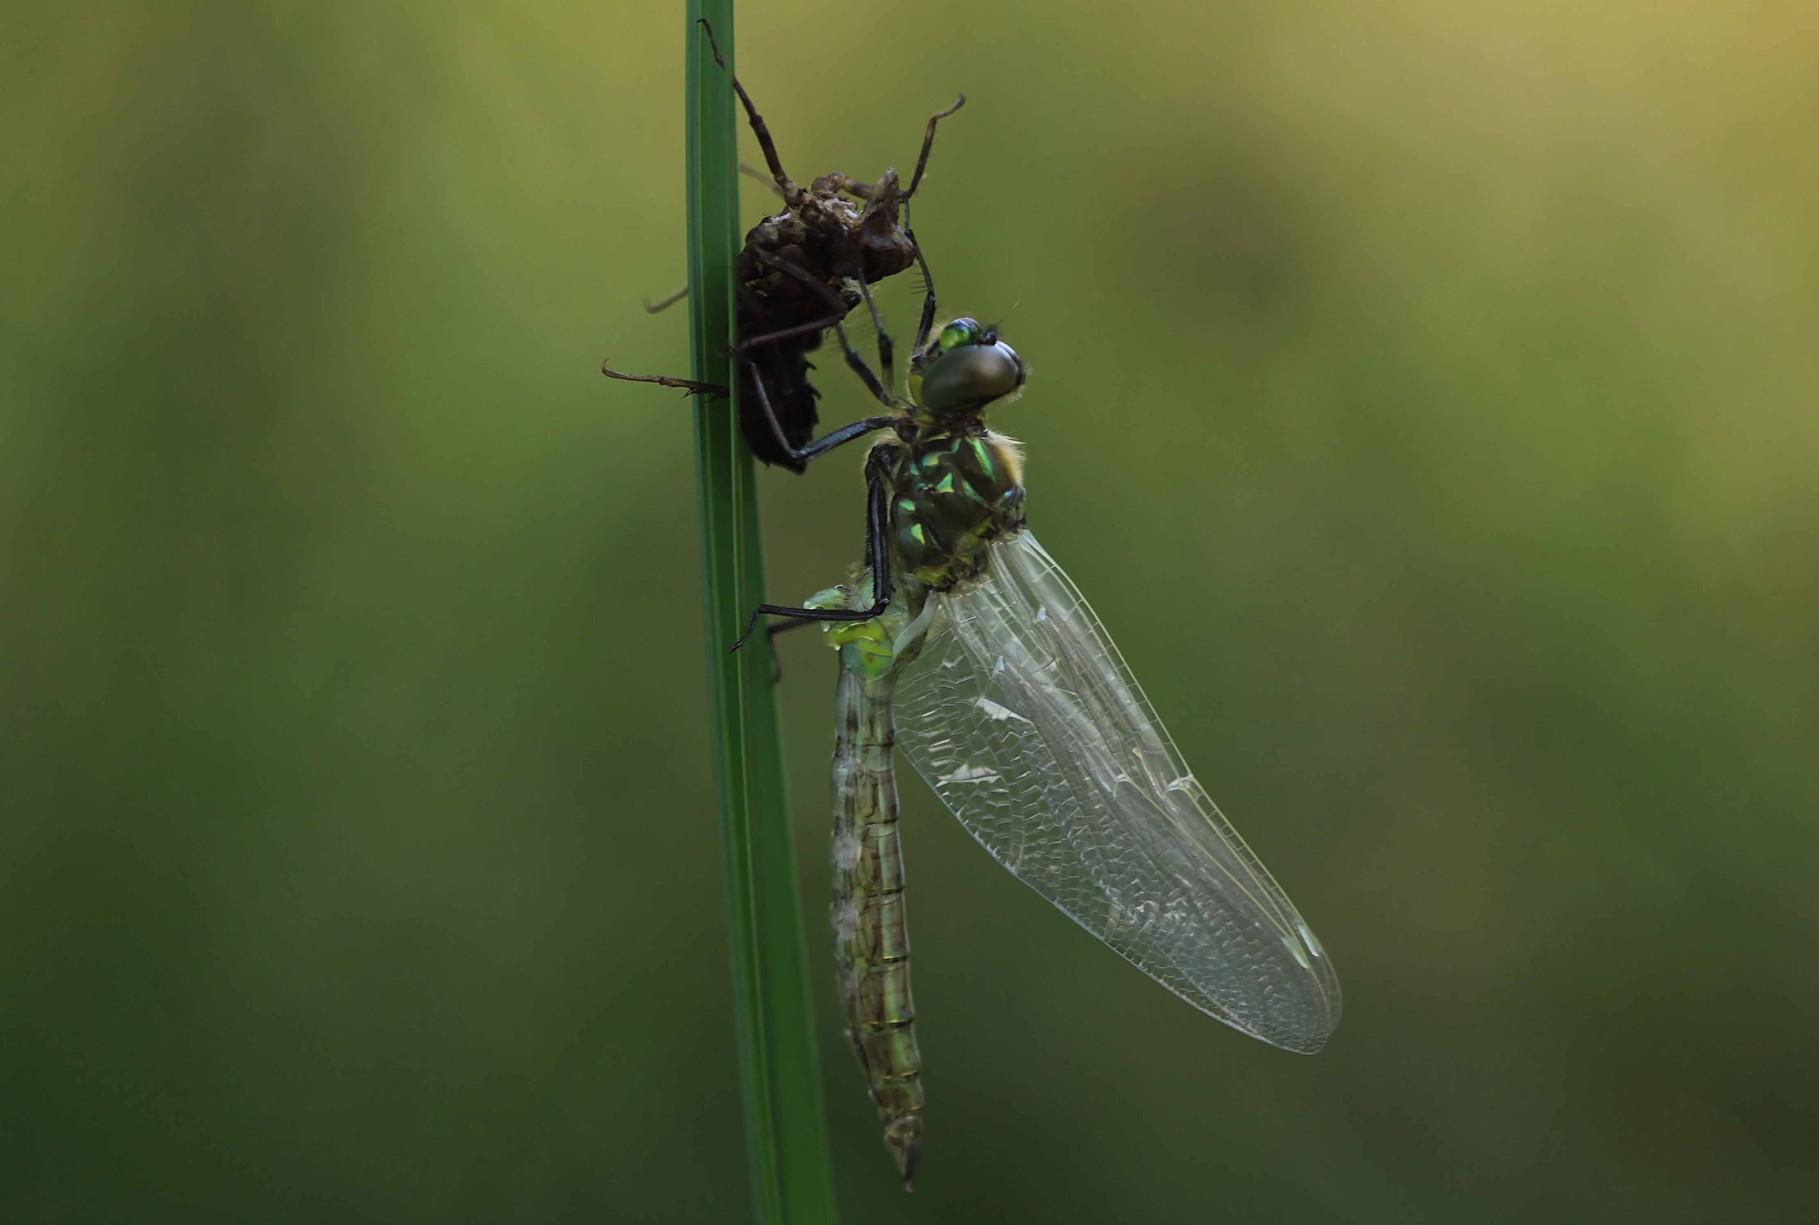 Glänzende Smaragdlibelle, Somatochlora metallica, frisch geschlüpftes Männchen.